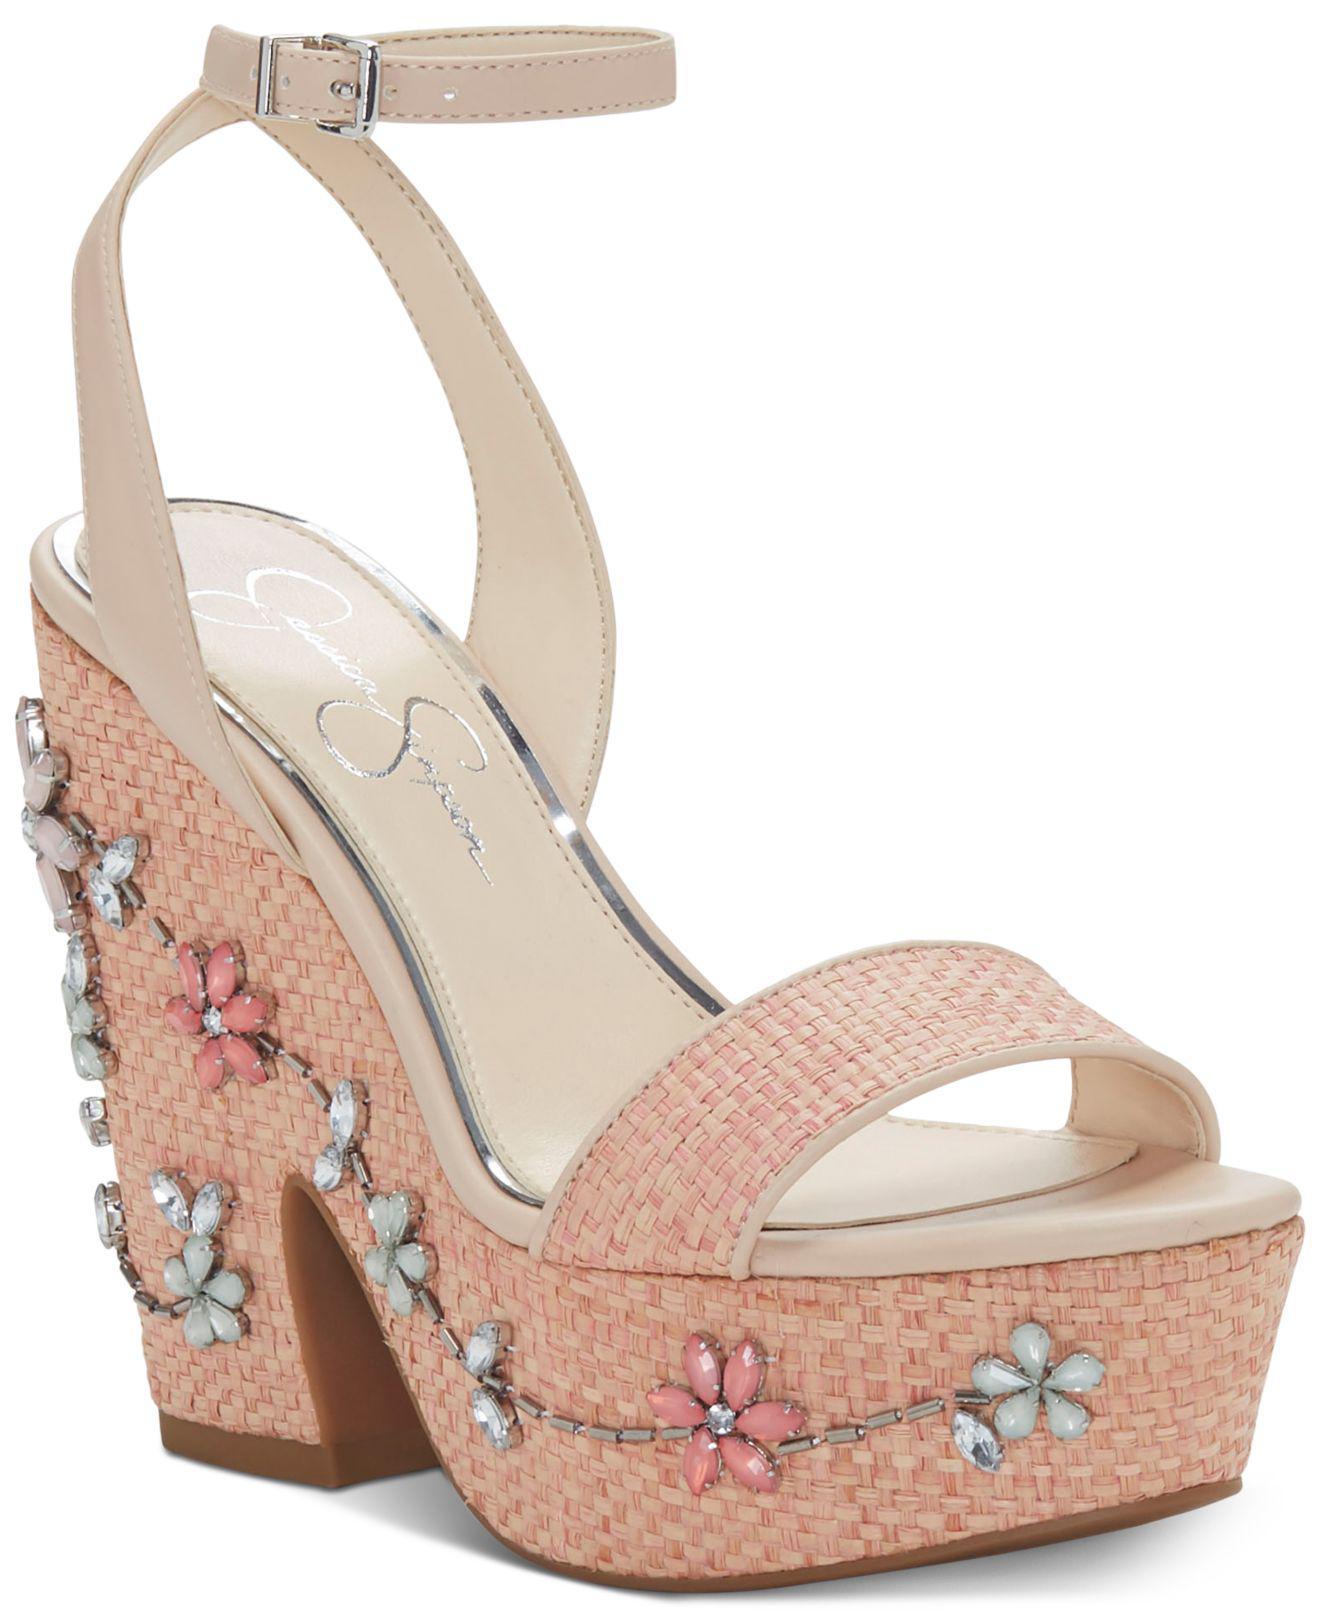 b120c7b7d4f Lyst - Jessica Simpson Cressia Wicker Wedge Sandals